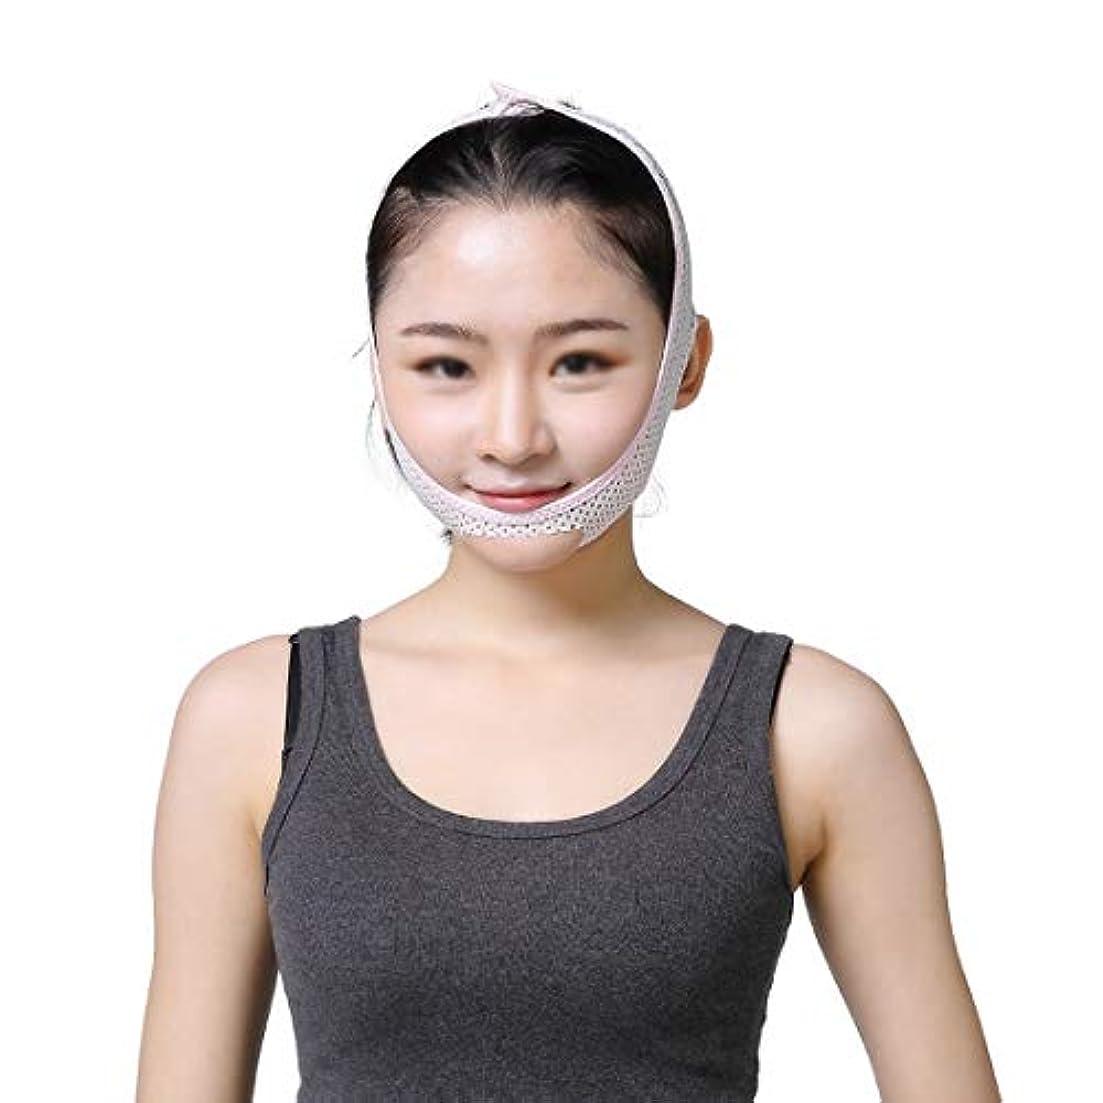 名詞特派員上下するZWBD フェイスマスク, 薄い顔包帯美容機器持ち上がる引き締めダブルチン判決V顔の引き締め痩身包帯引き締めフェイシャルマッサージ (Size : L)